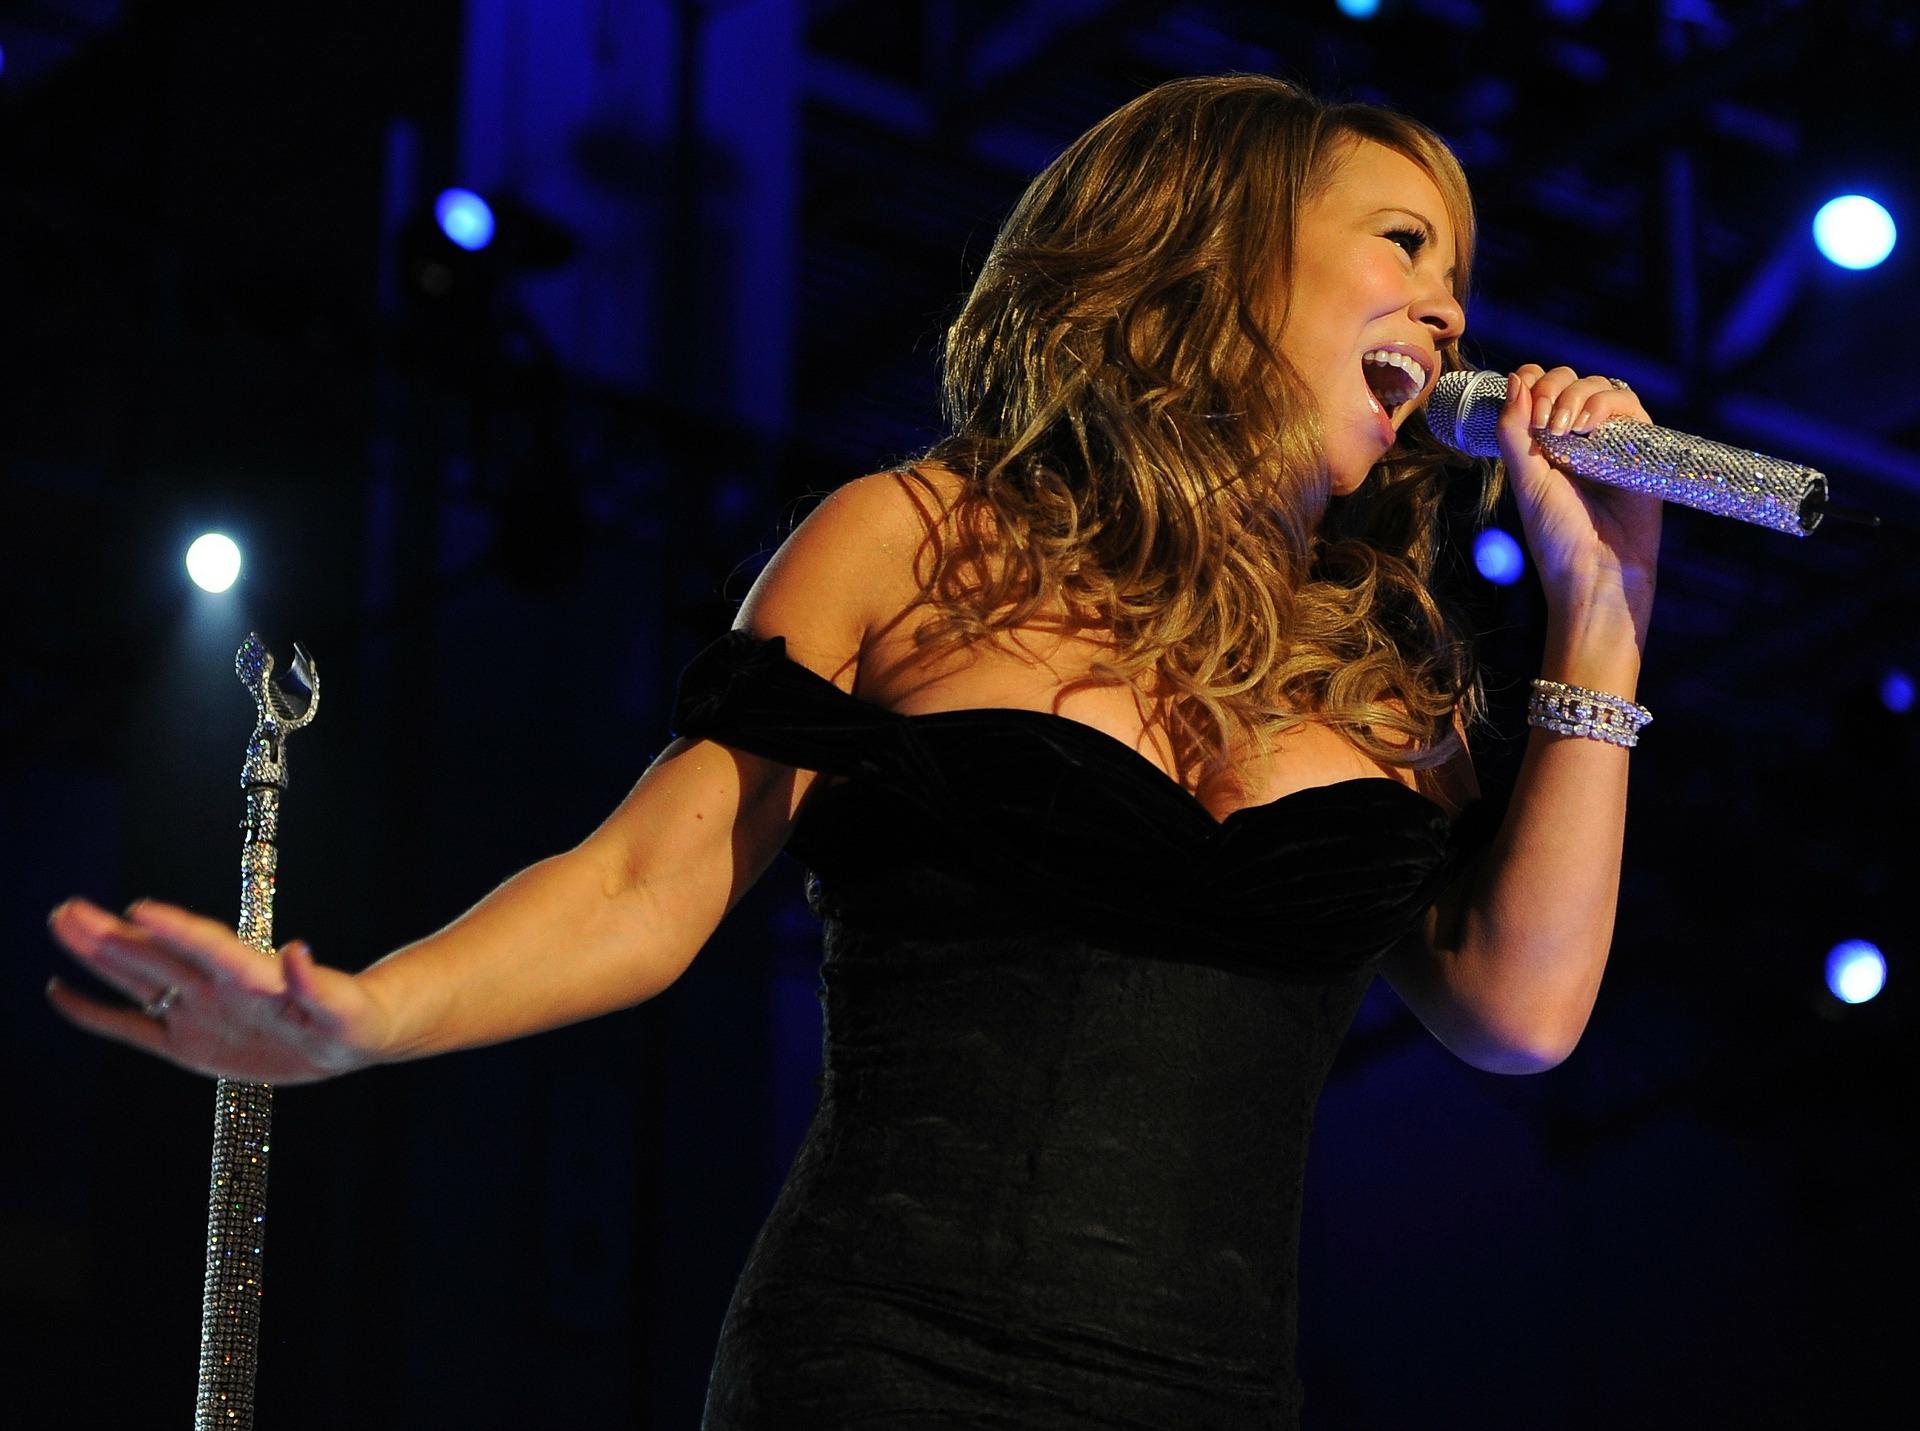 Mariah Carey sings live on stage